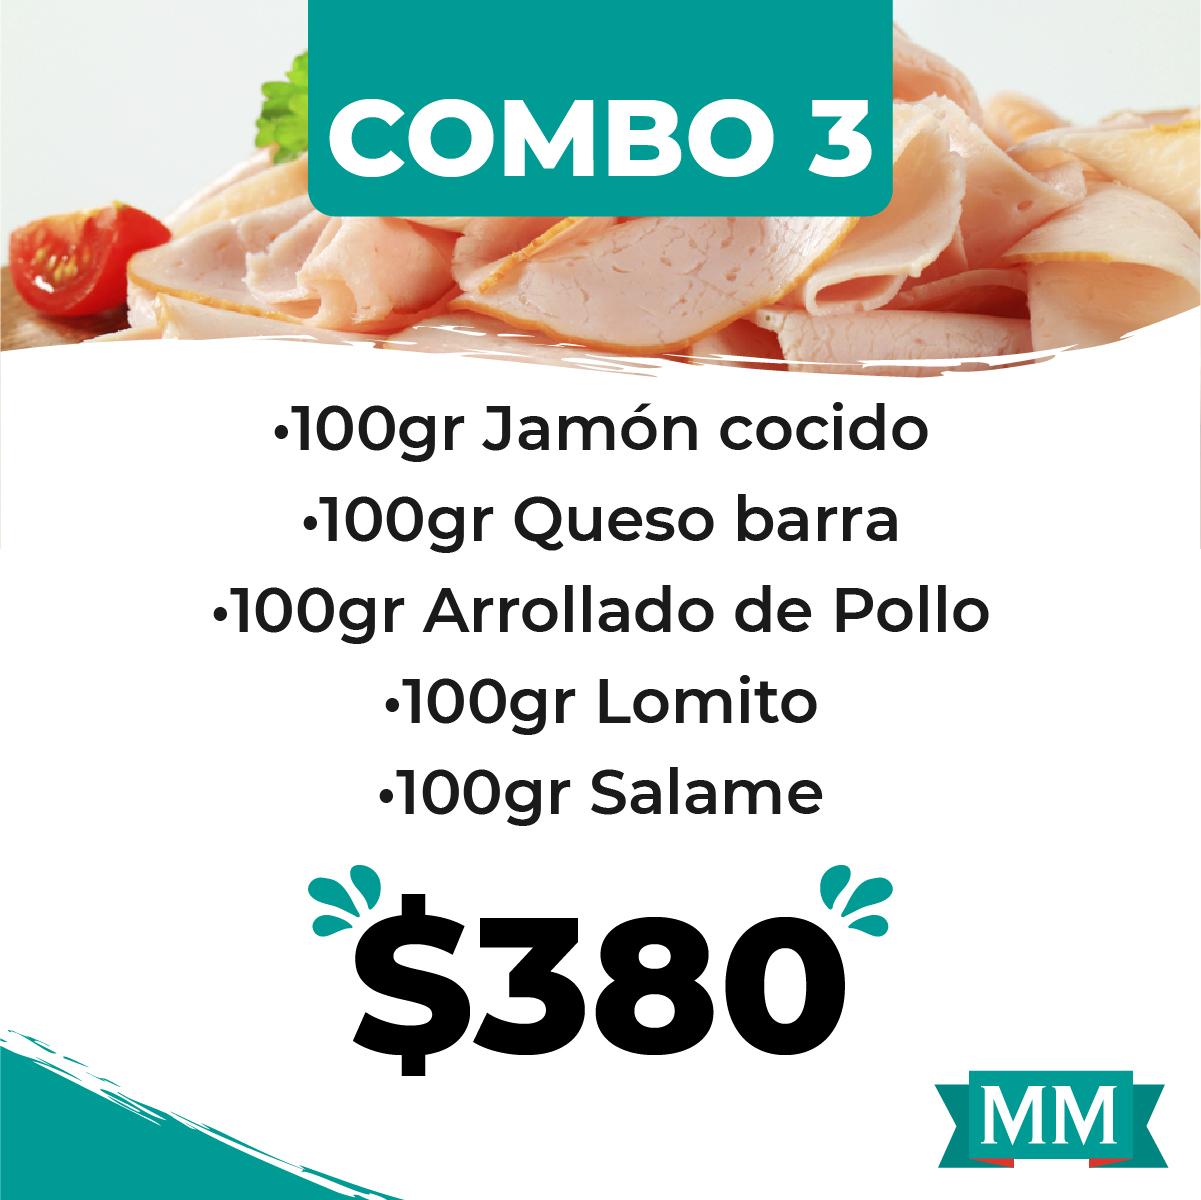 placas combos MM-03